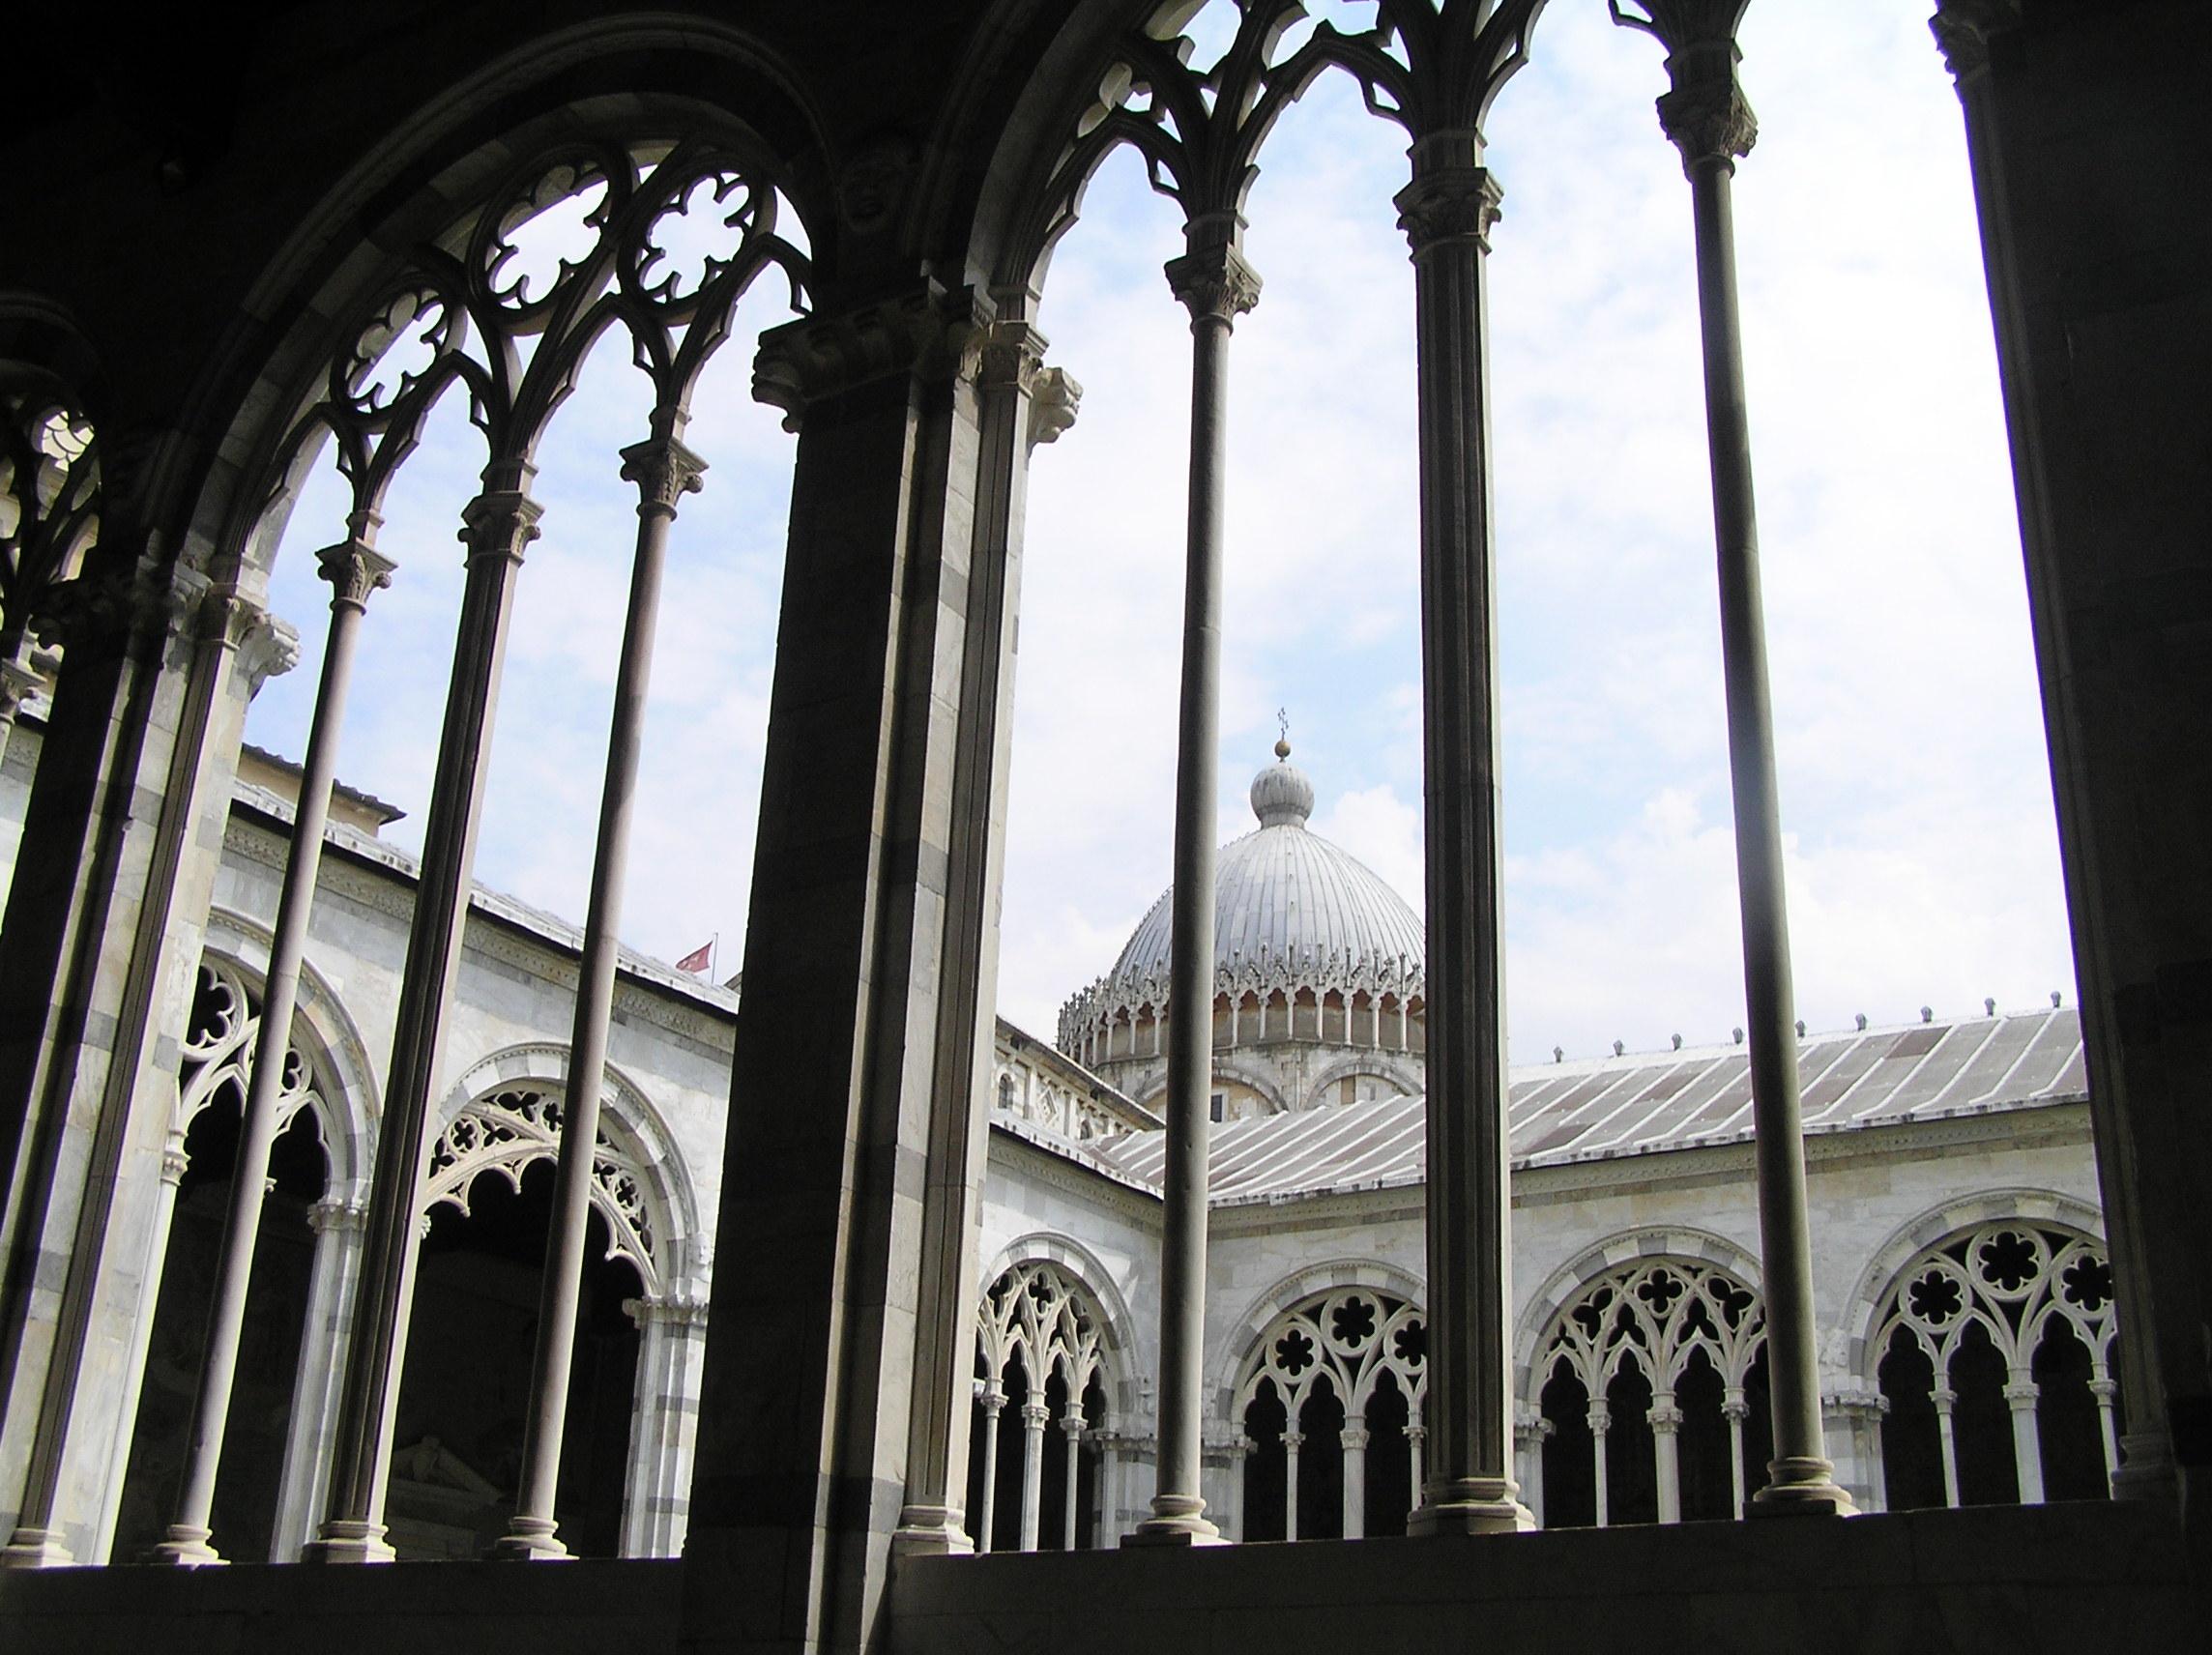 Itálie - Toskánsko - Pisa, Camposanto, mramorové arkády